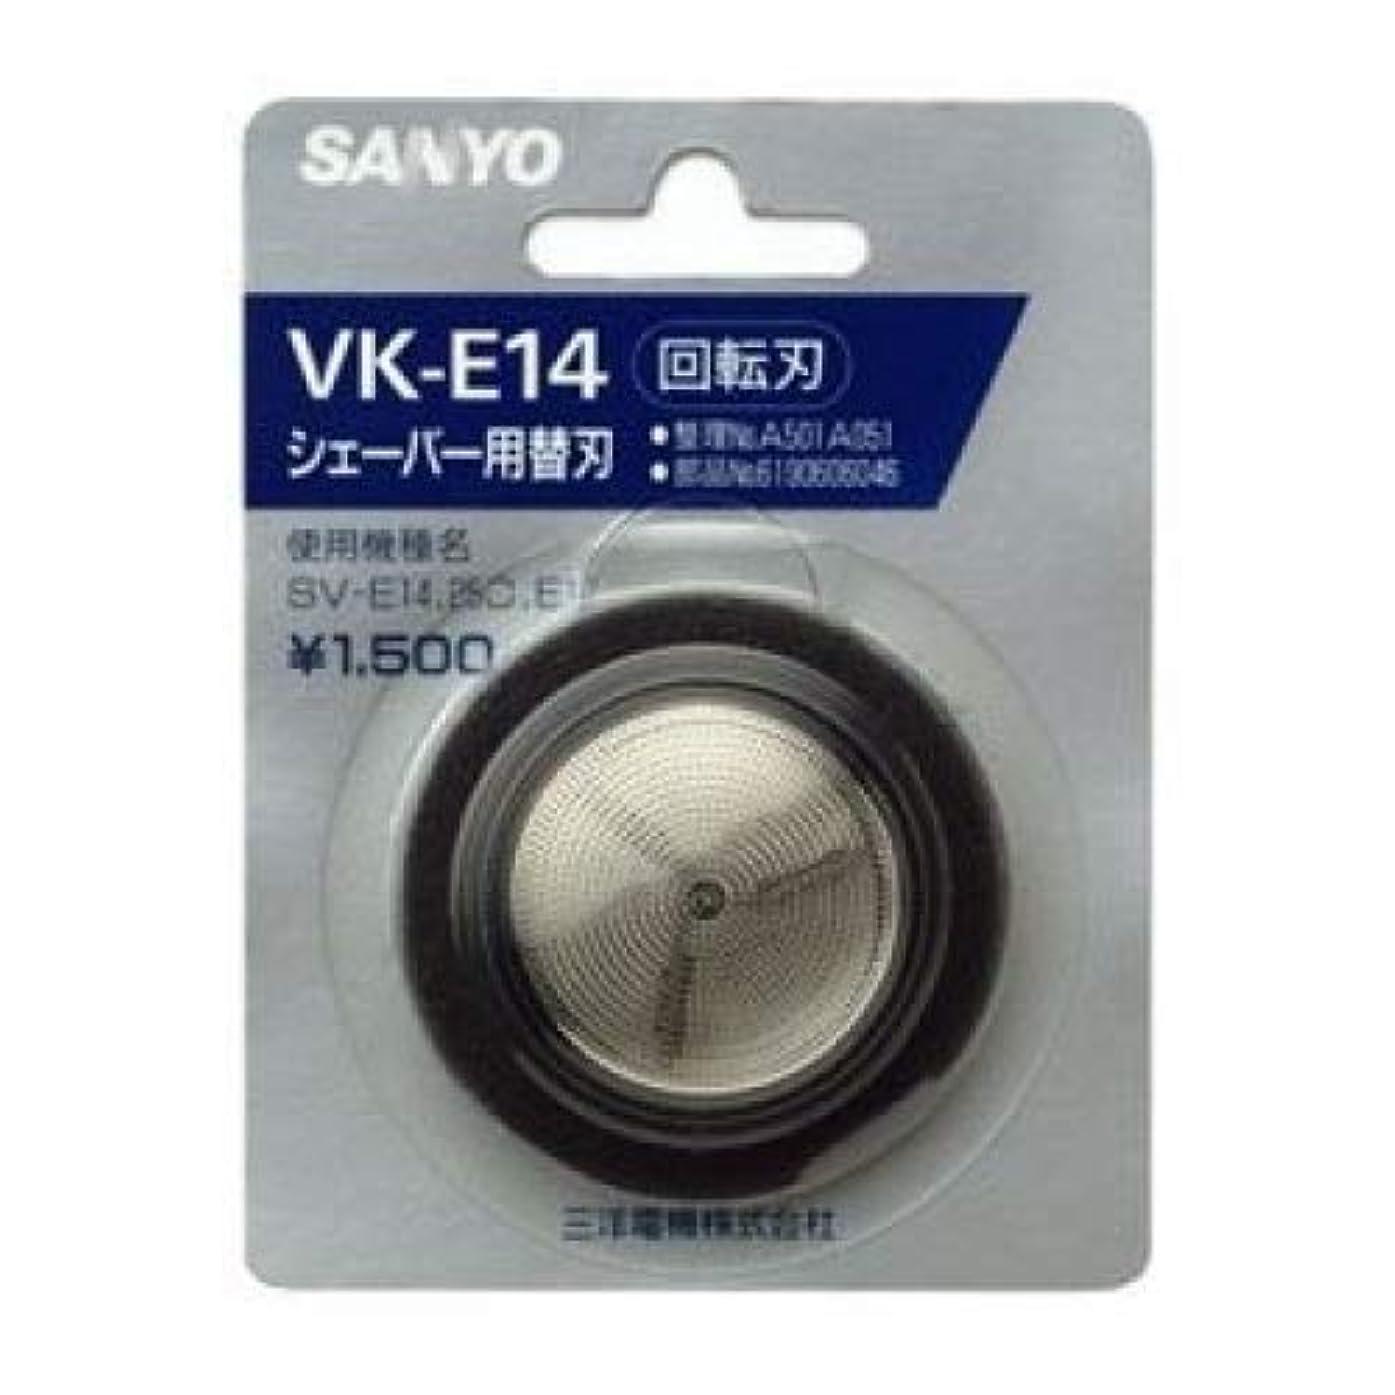 一元化する衣装シニスSANYO シェーバー用替刃 回転式 内?外刃セット KA-VK-E14